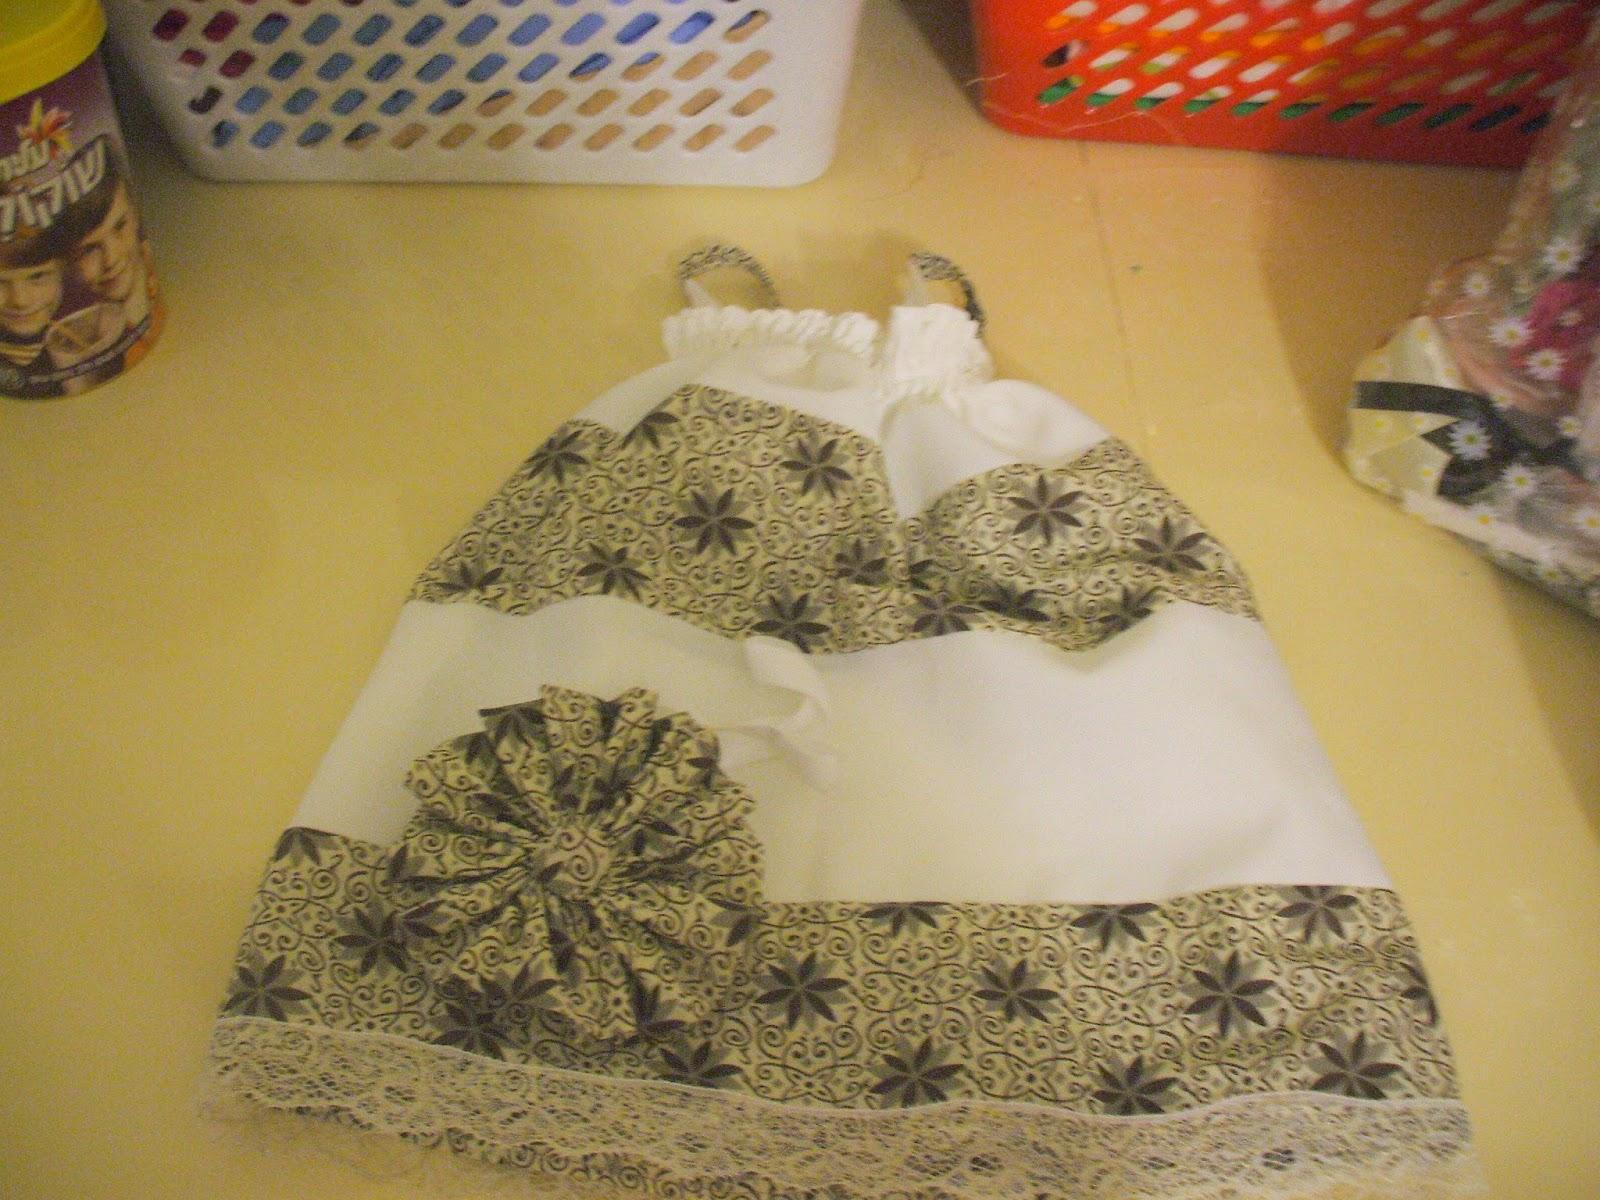 DSCF3239 - שמלה בשעה